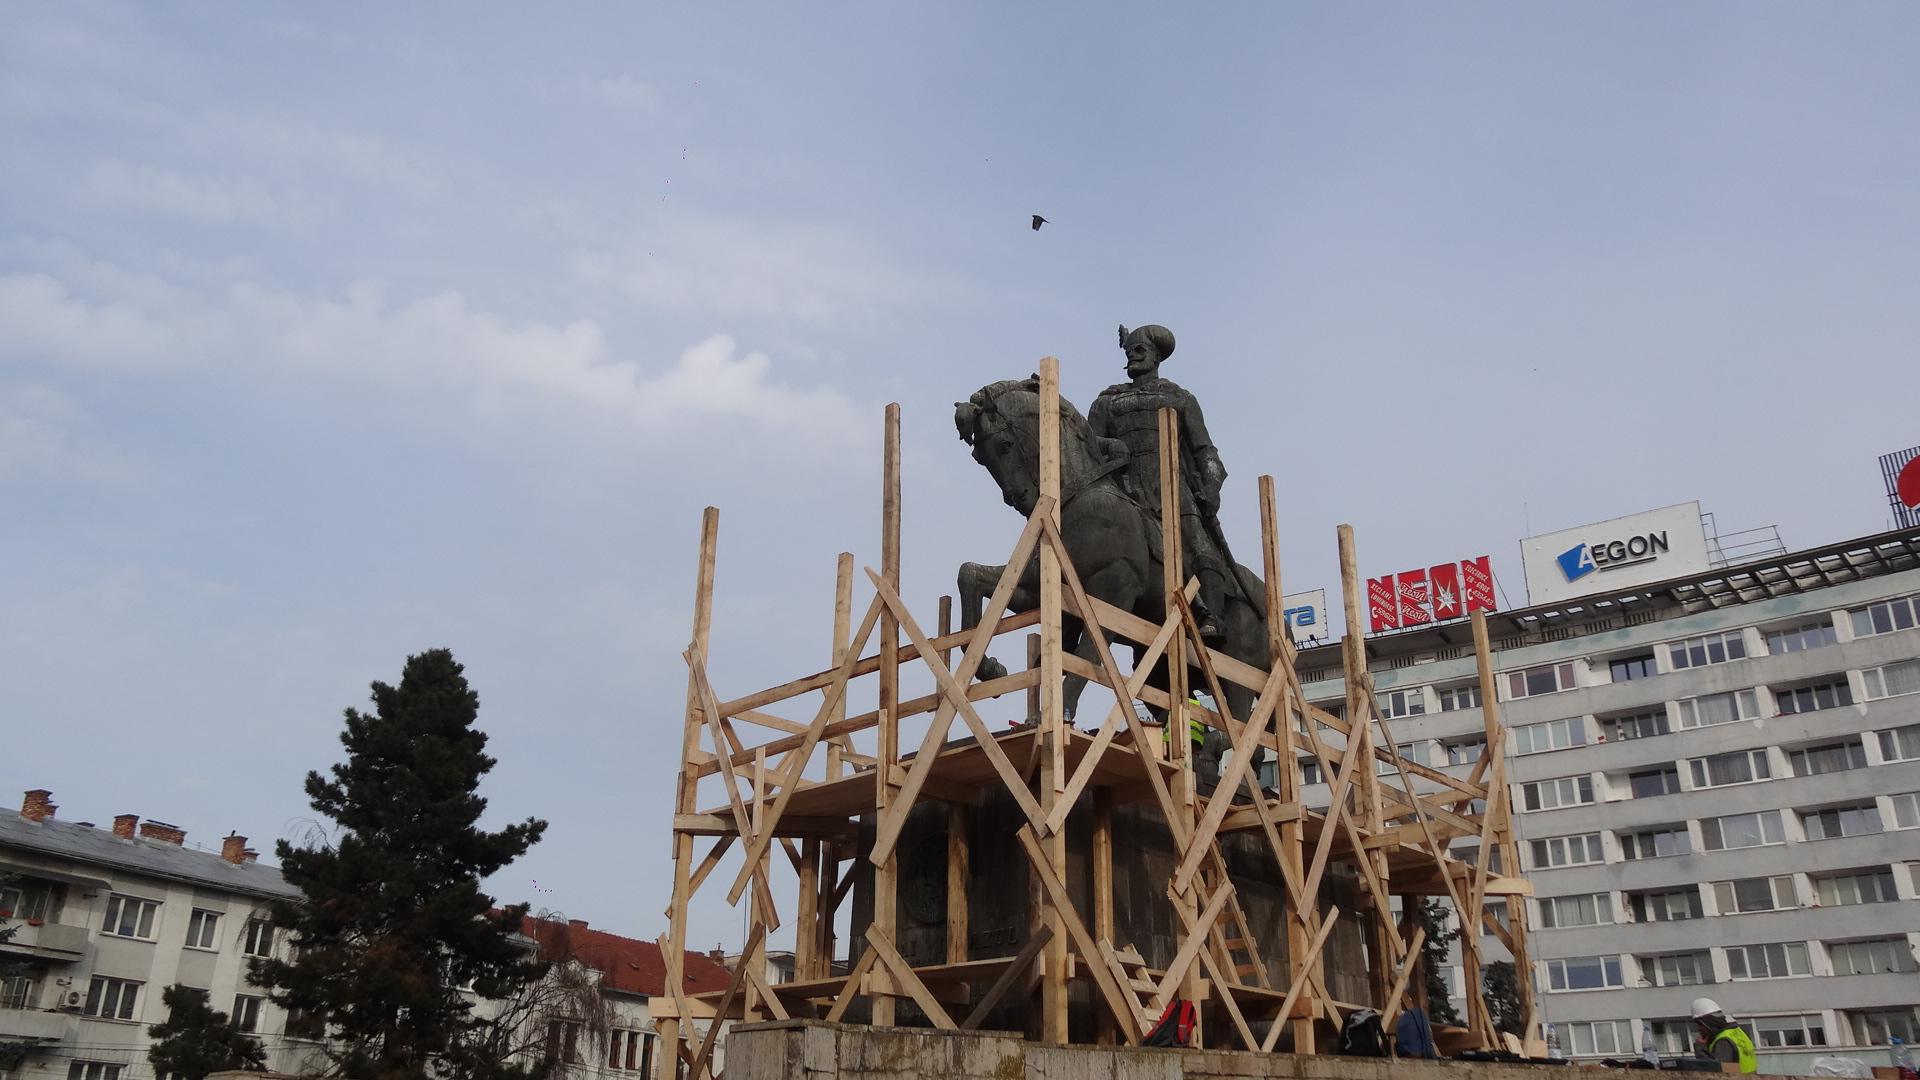 În sfârşit: Statuia lui Mihai Viteazul a intrat în reparaţii! Lucrările ar urma să fie gata în toamna acestui an